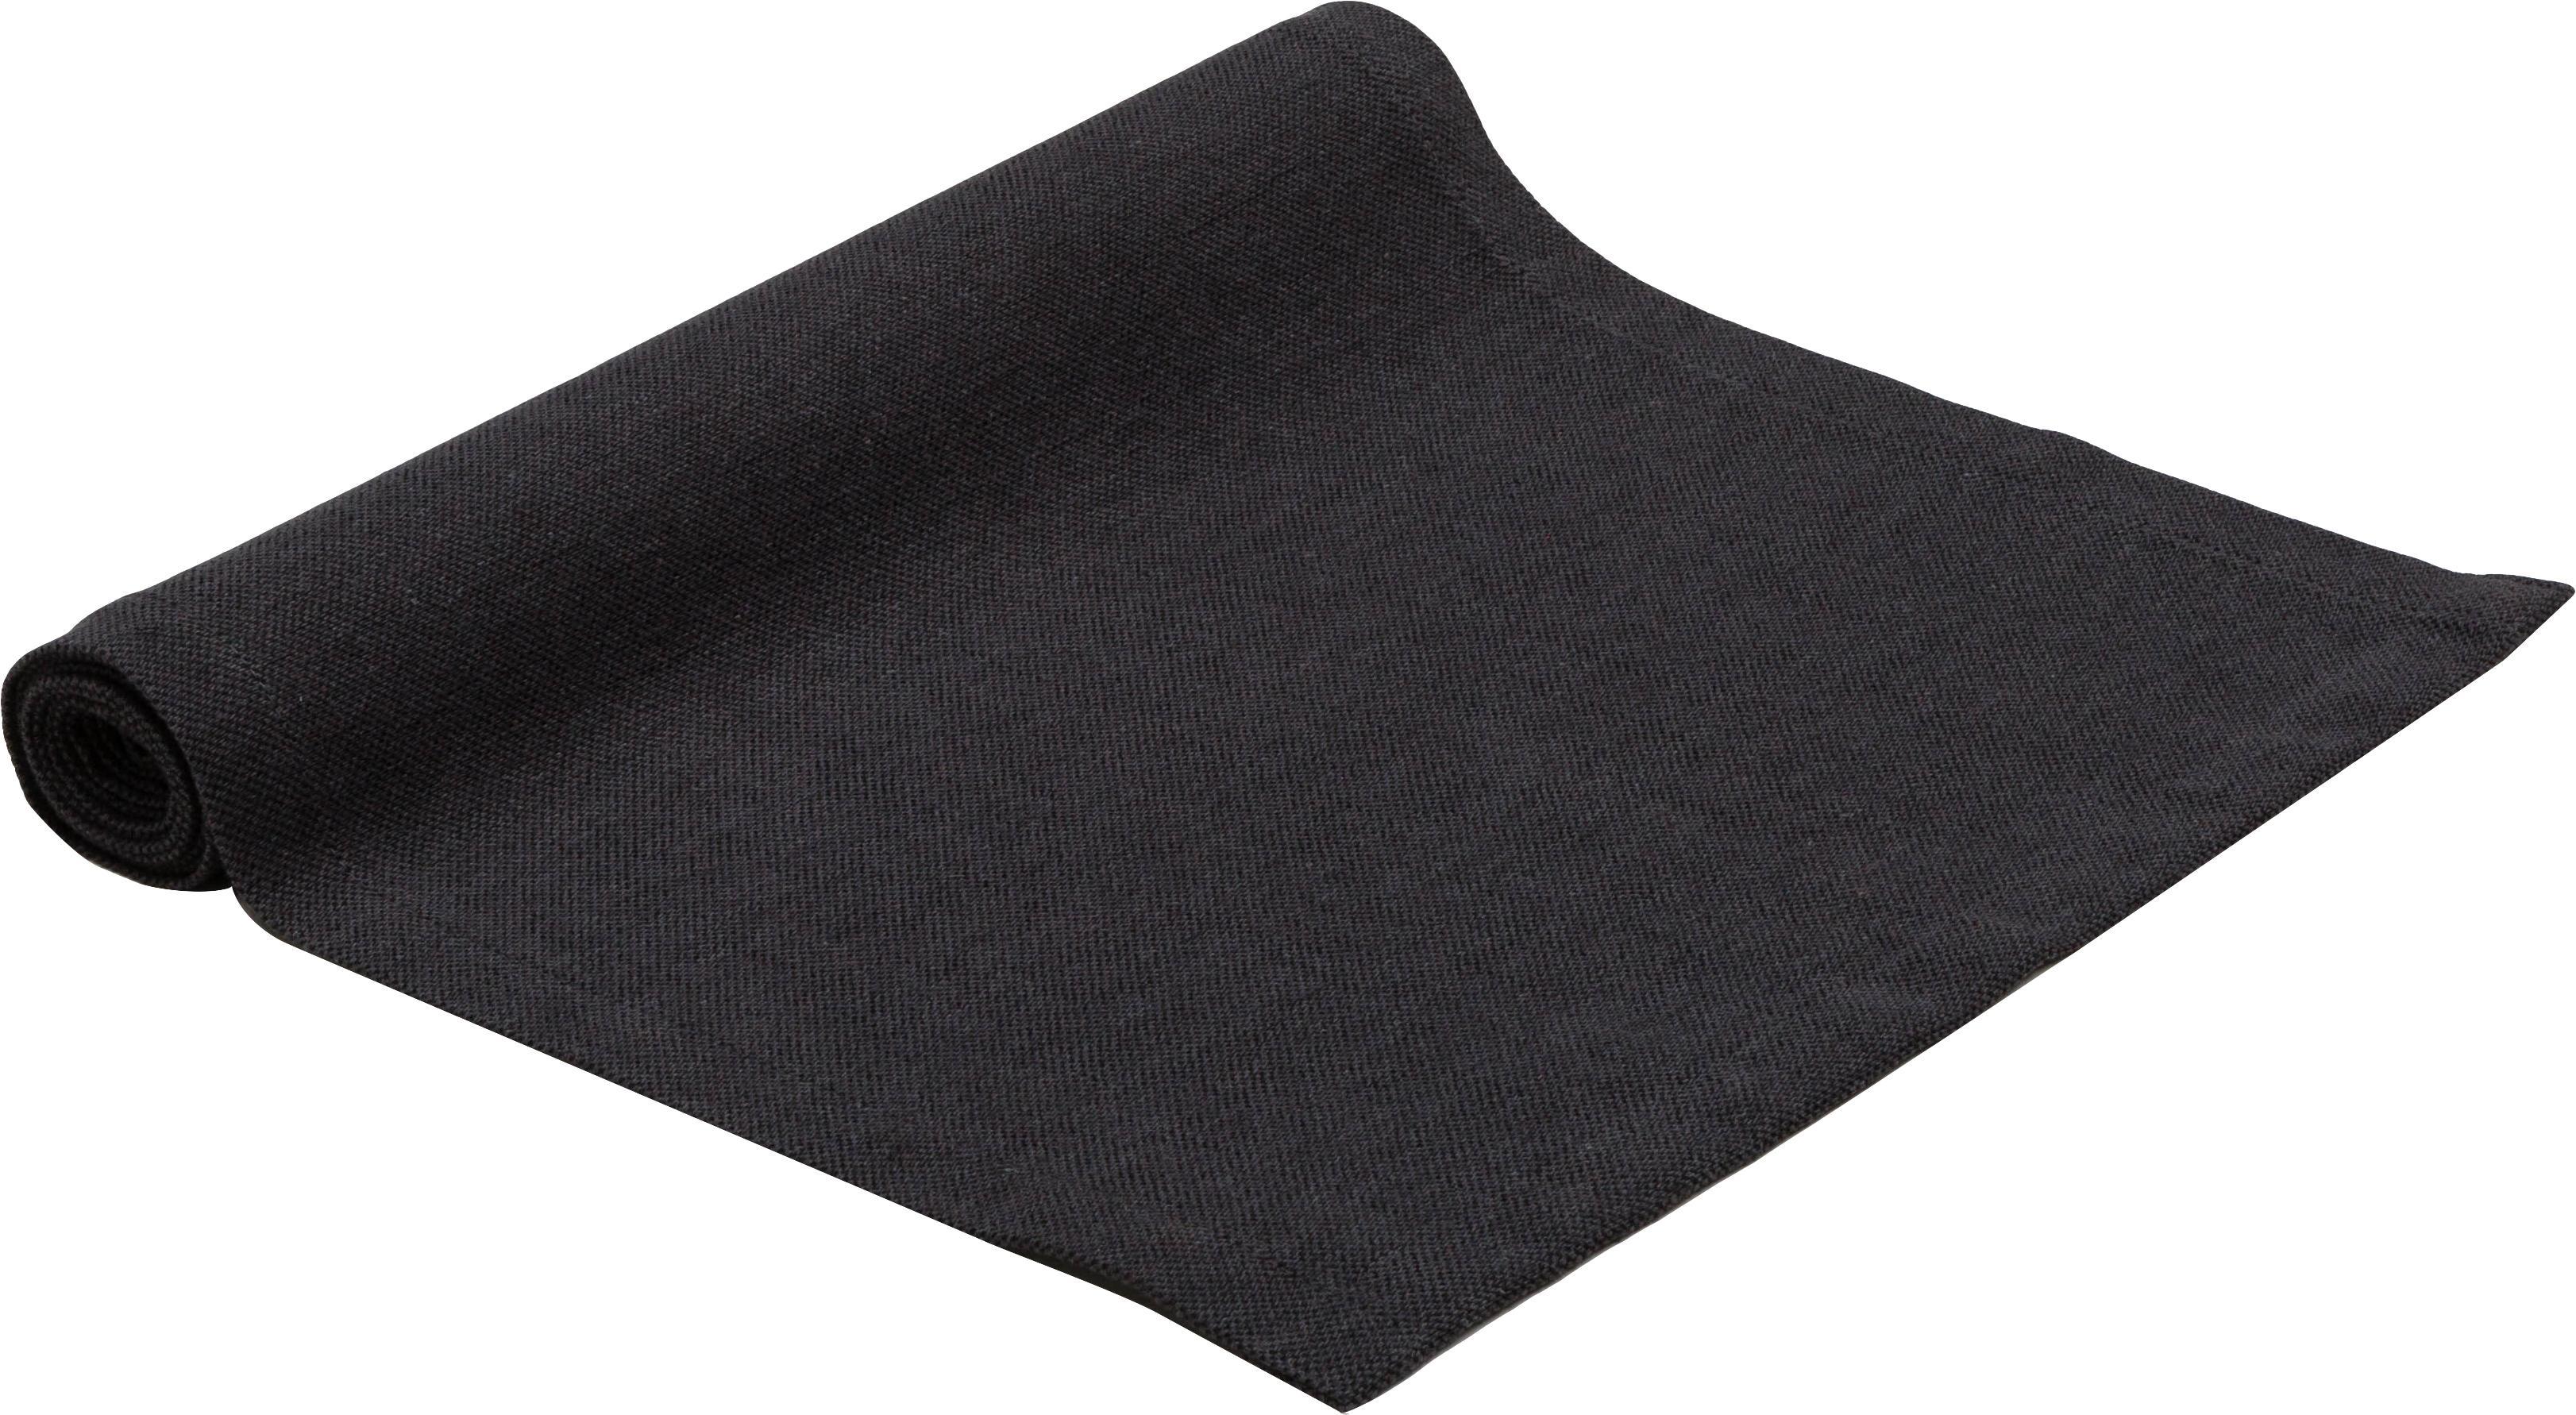 Tischläufer Riva, 55%Baumwolle, 45%Polyester, Anthrazit, 40 x 150 cm